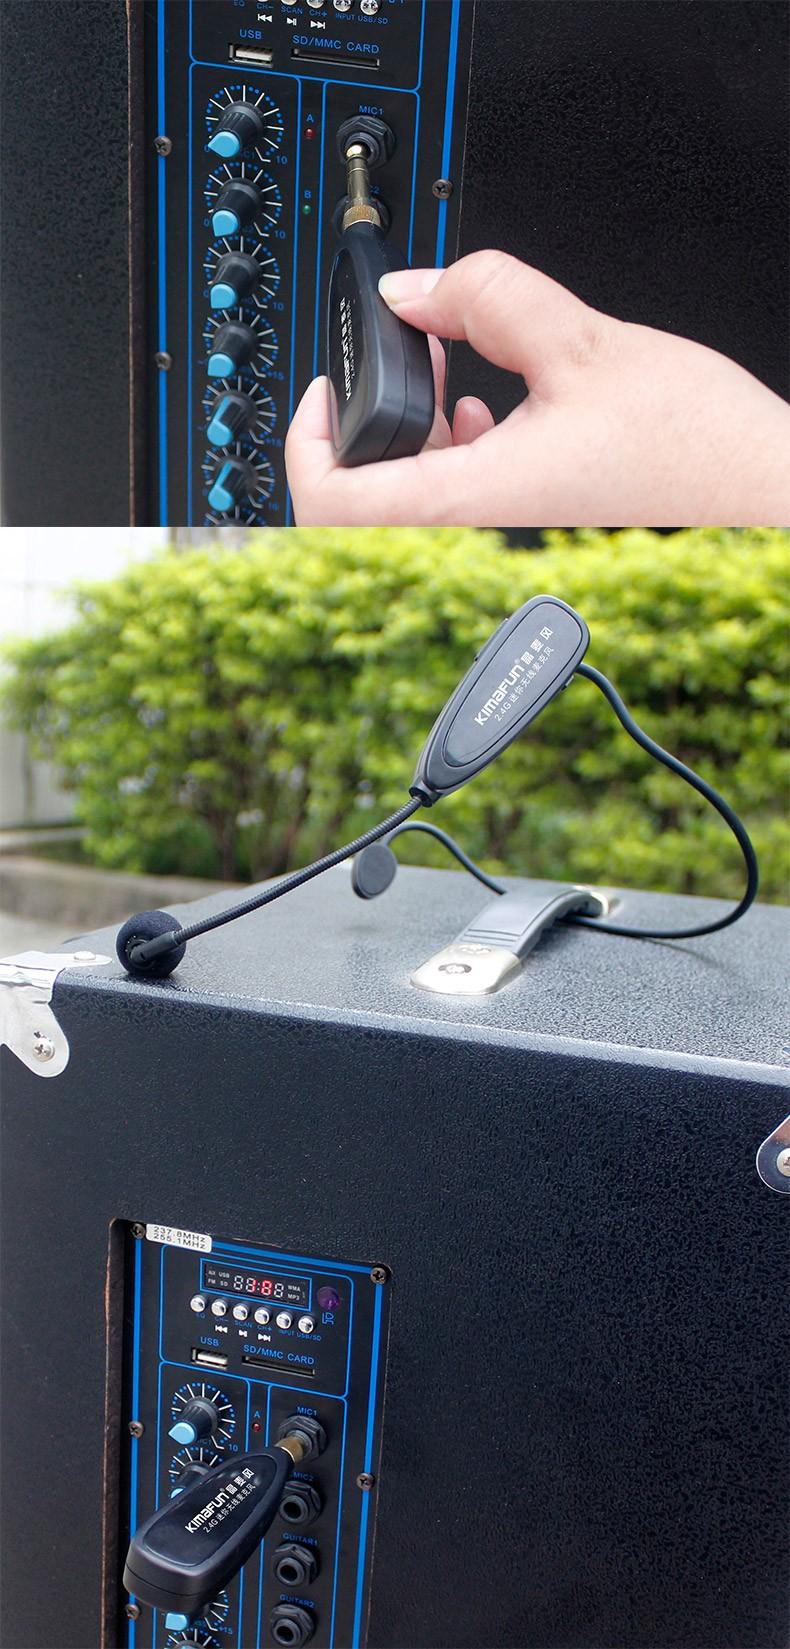 Top 5 Micro không dây đeo tai hát karaoke kết nối ampli có sẵn - 11